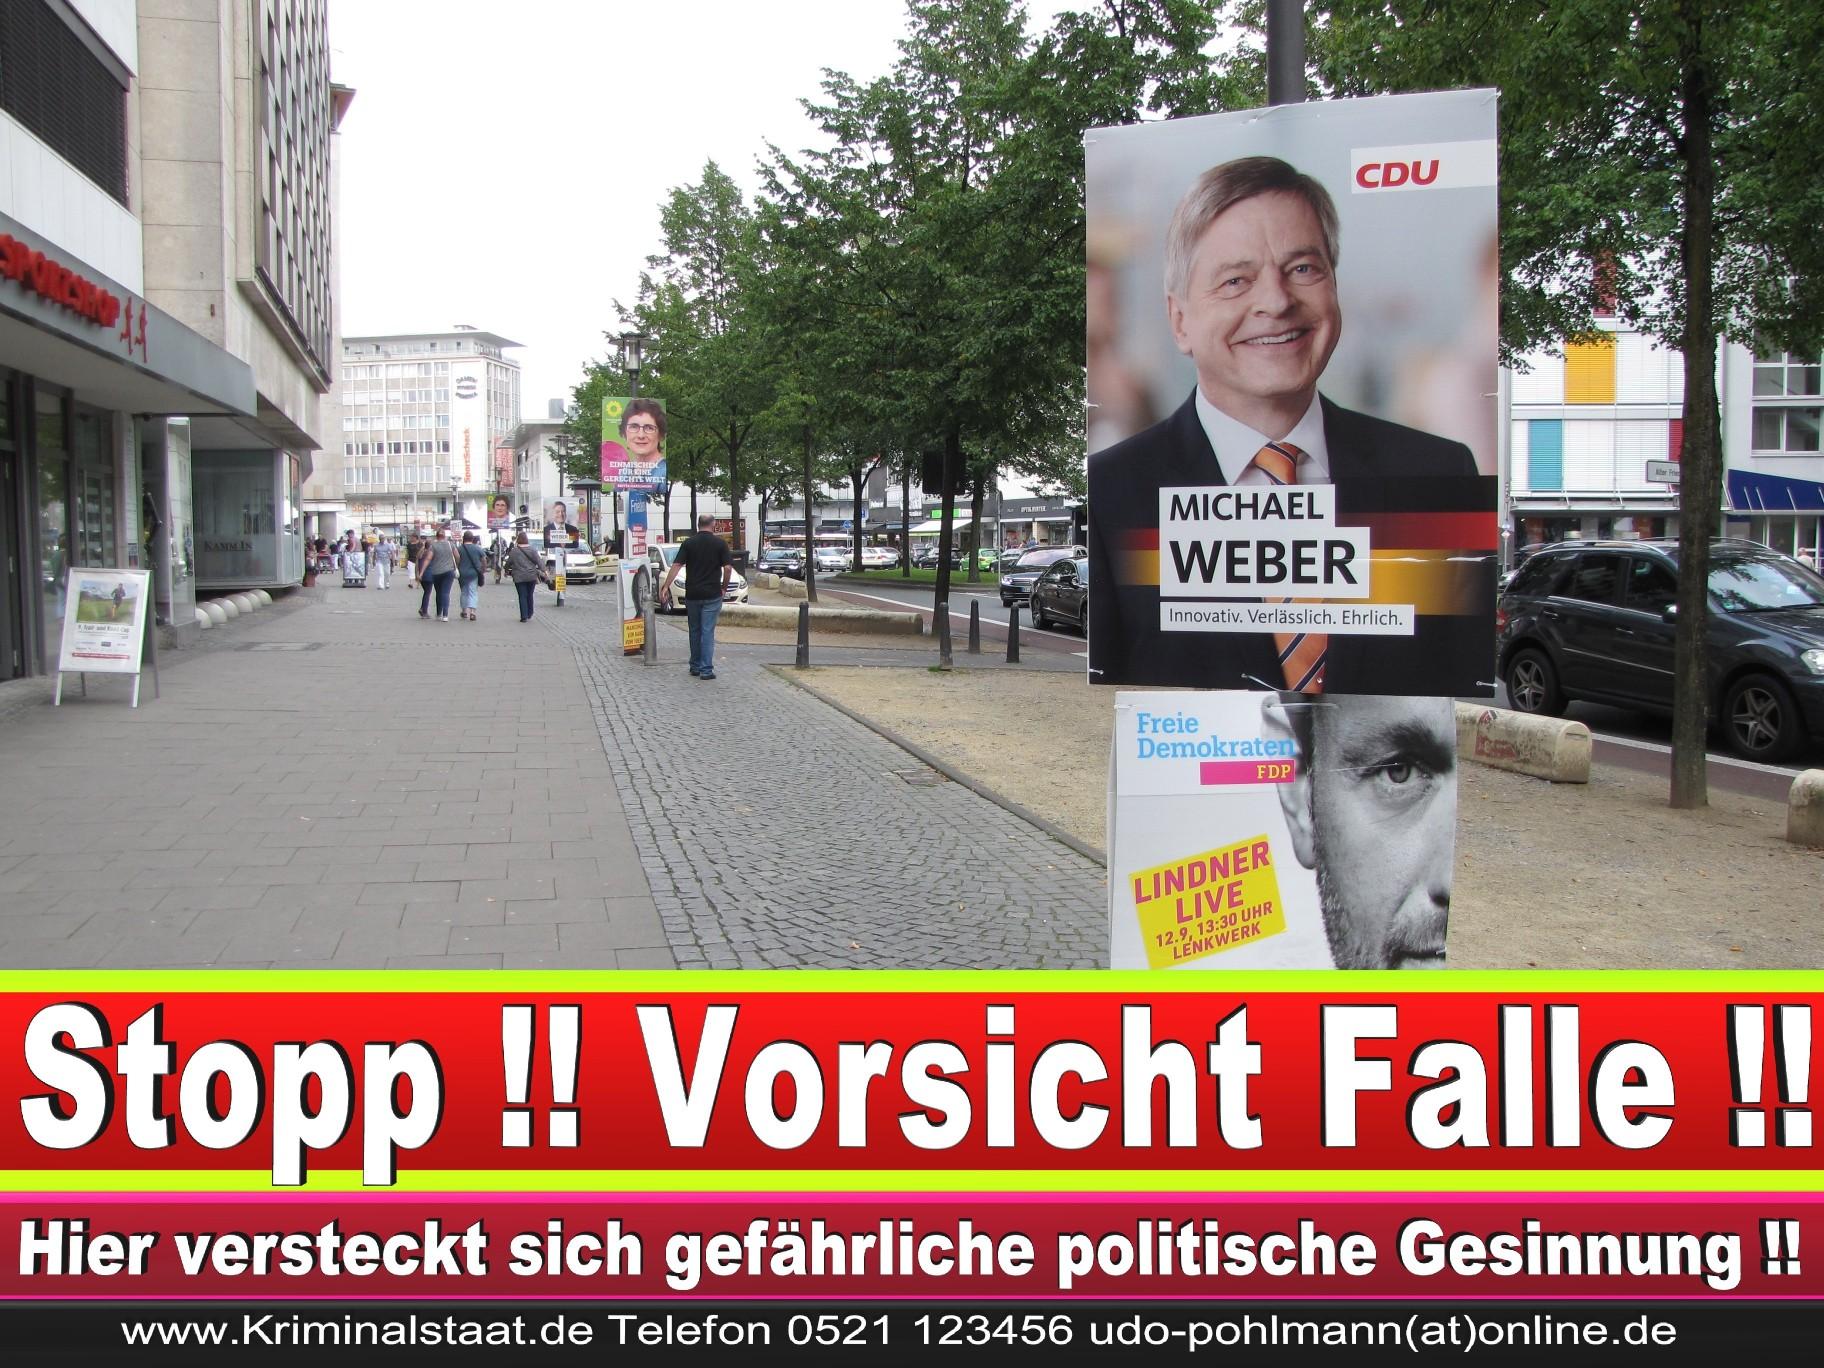 Wahlwerbung Wahlplakate Landtagswahl 2019 Europawahl CDU SPD FDP 2021 (36)